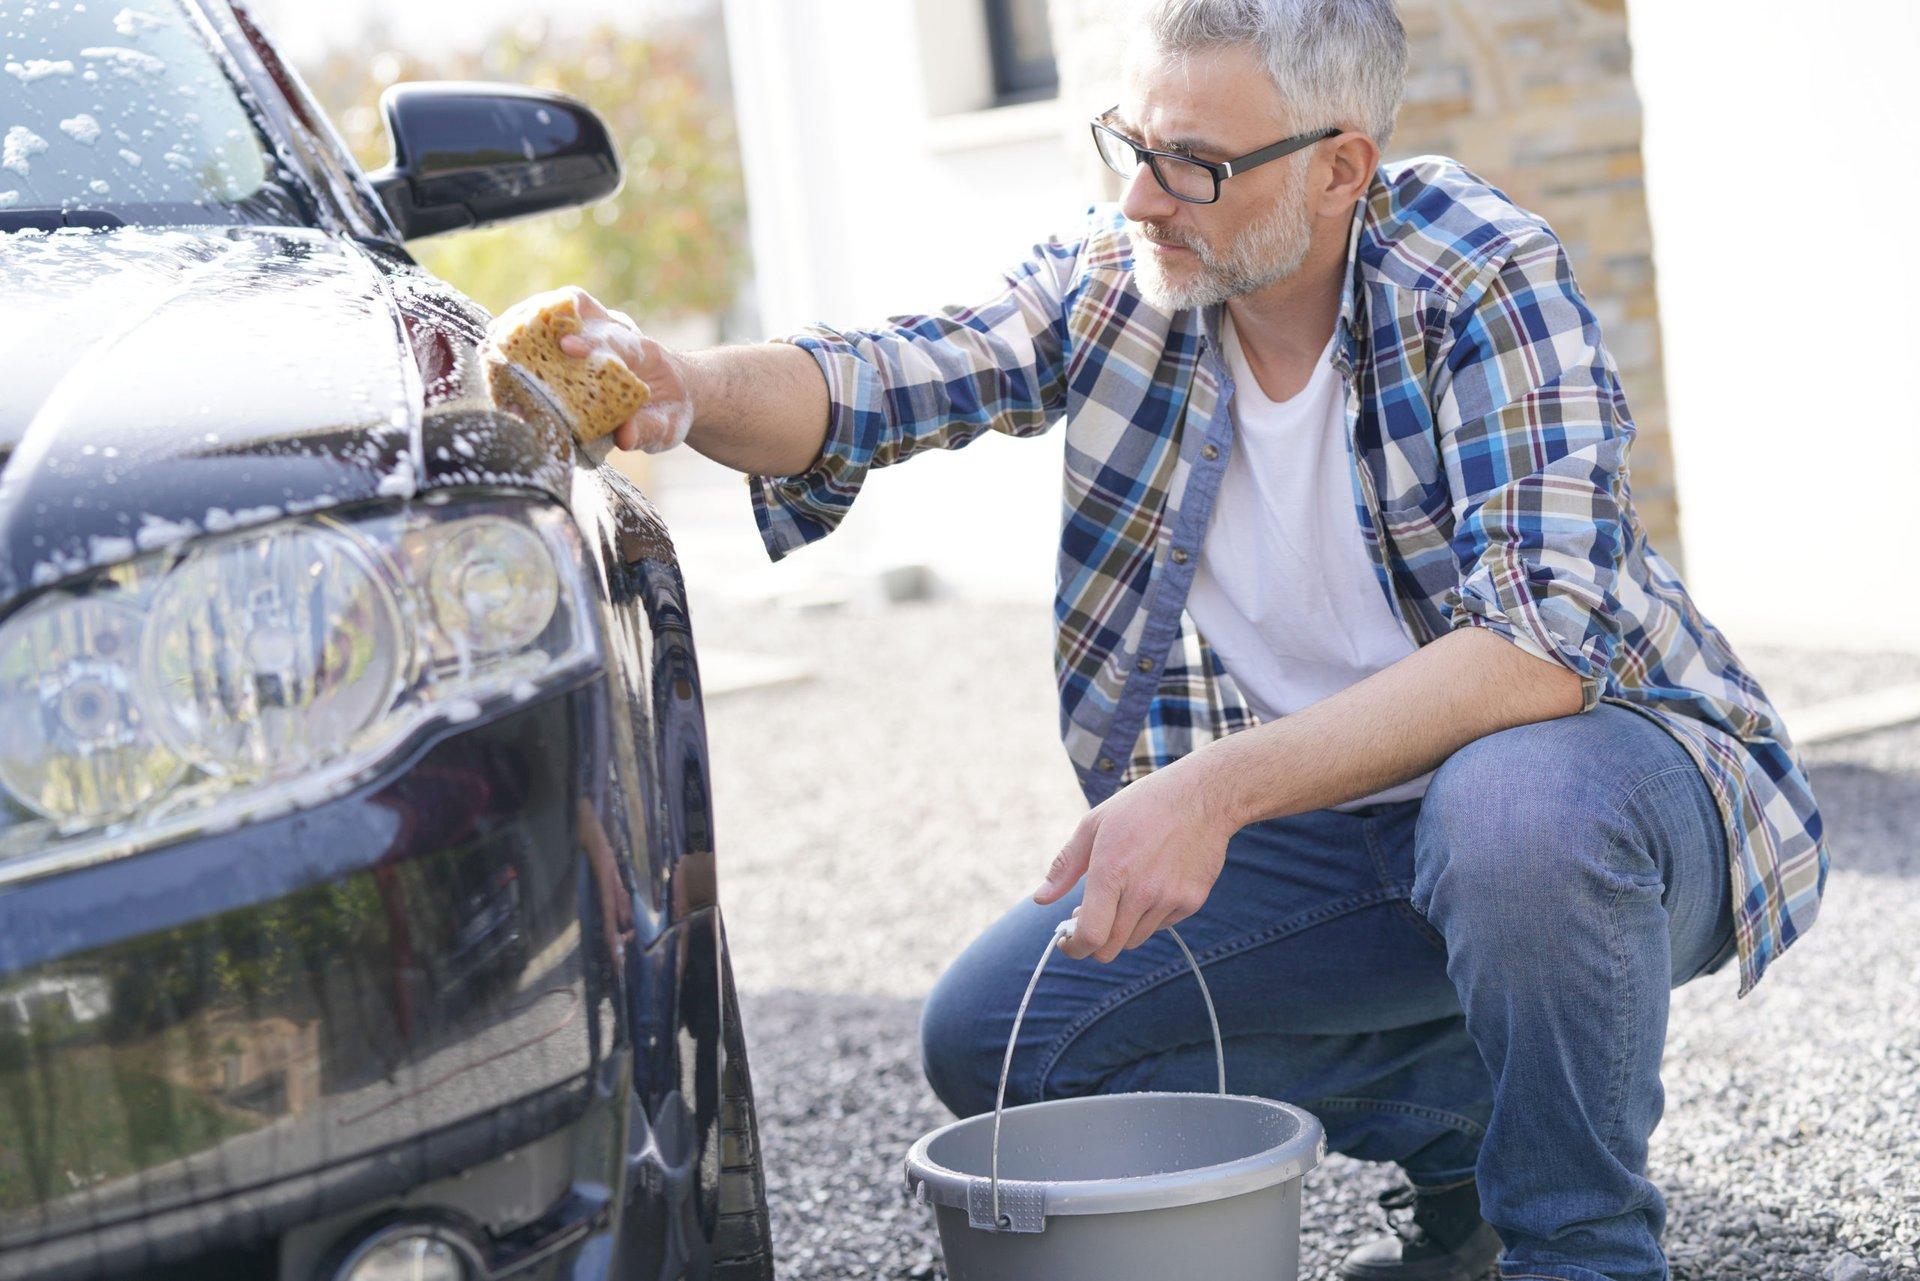 Washing a car at home